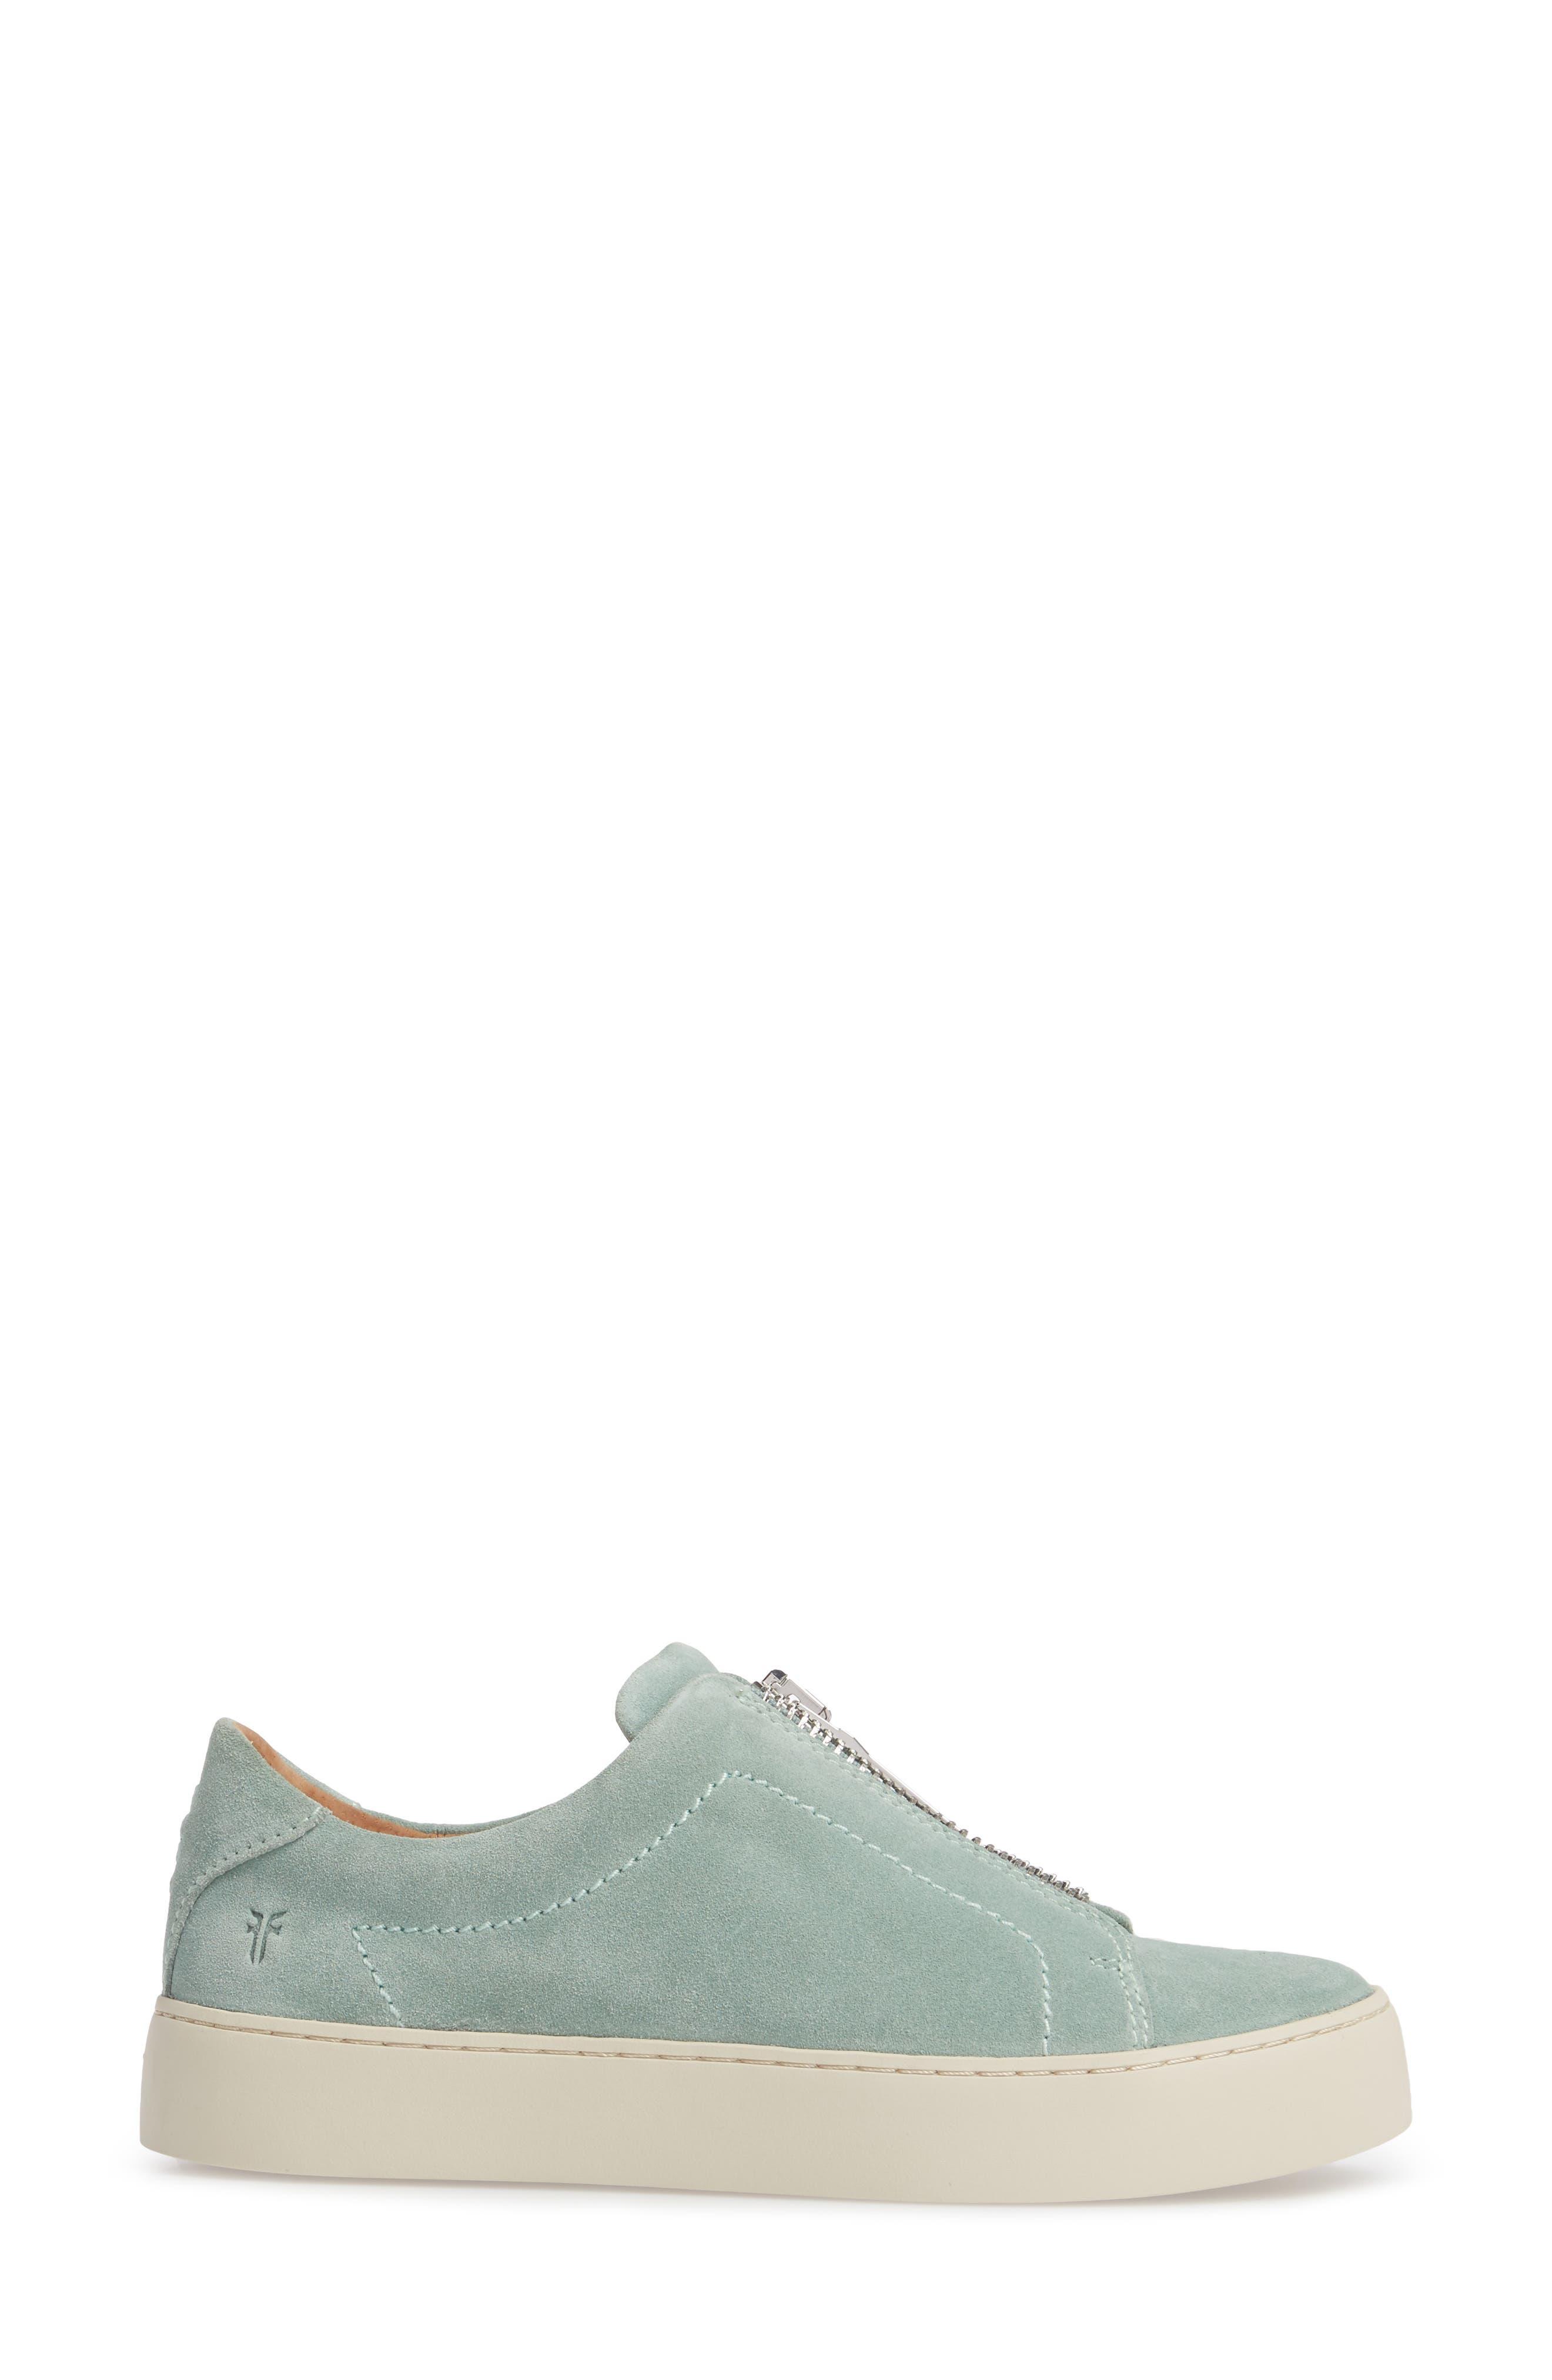 Lena Zip Sneaker,                             Alternate thumbnail 3, color,                             MINT SUEDE